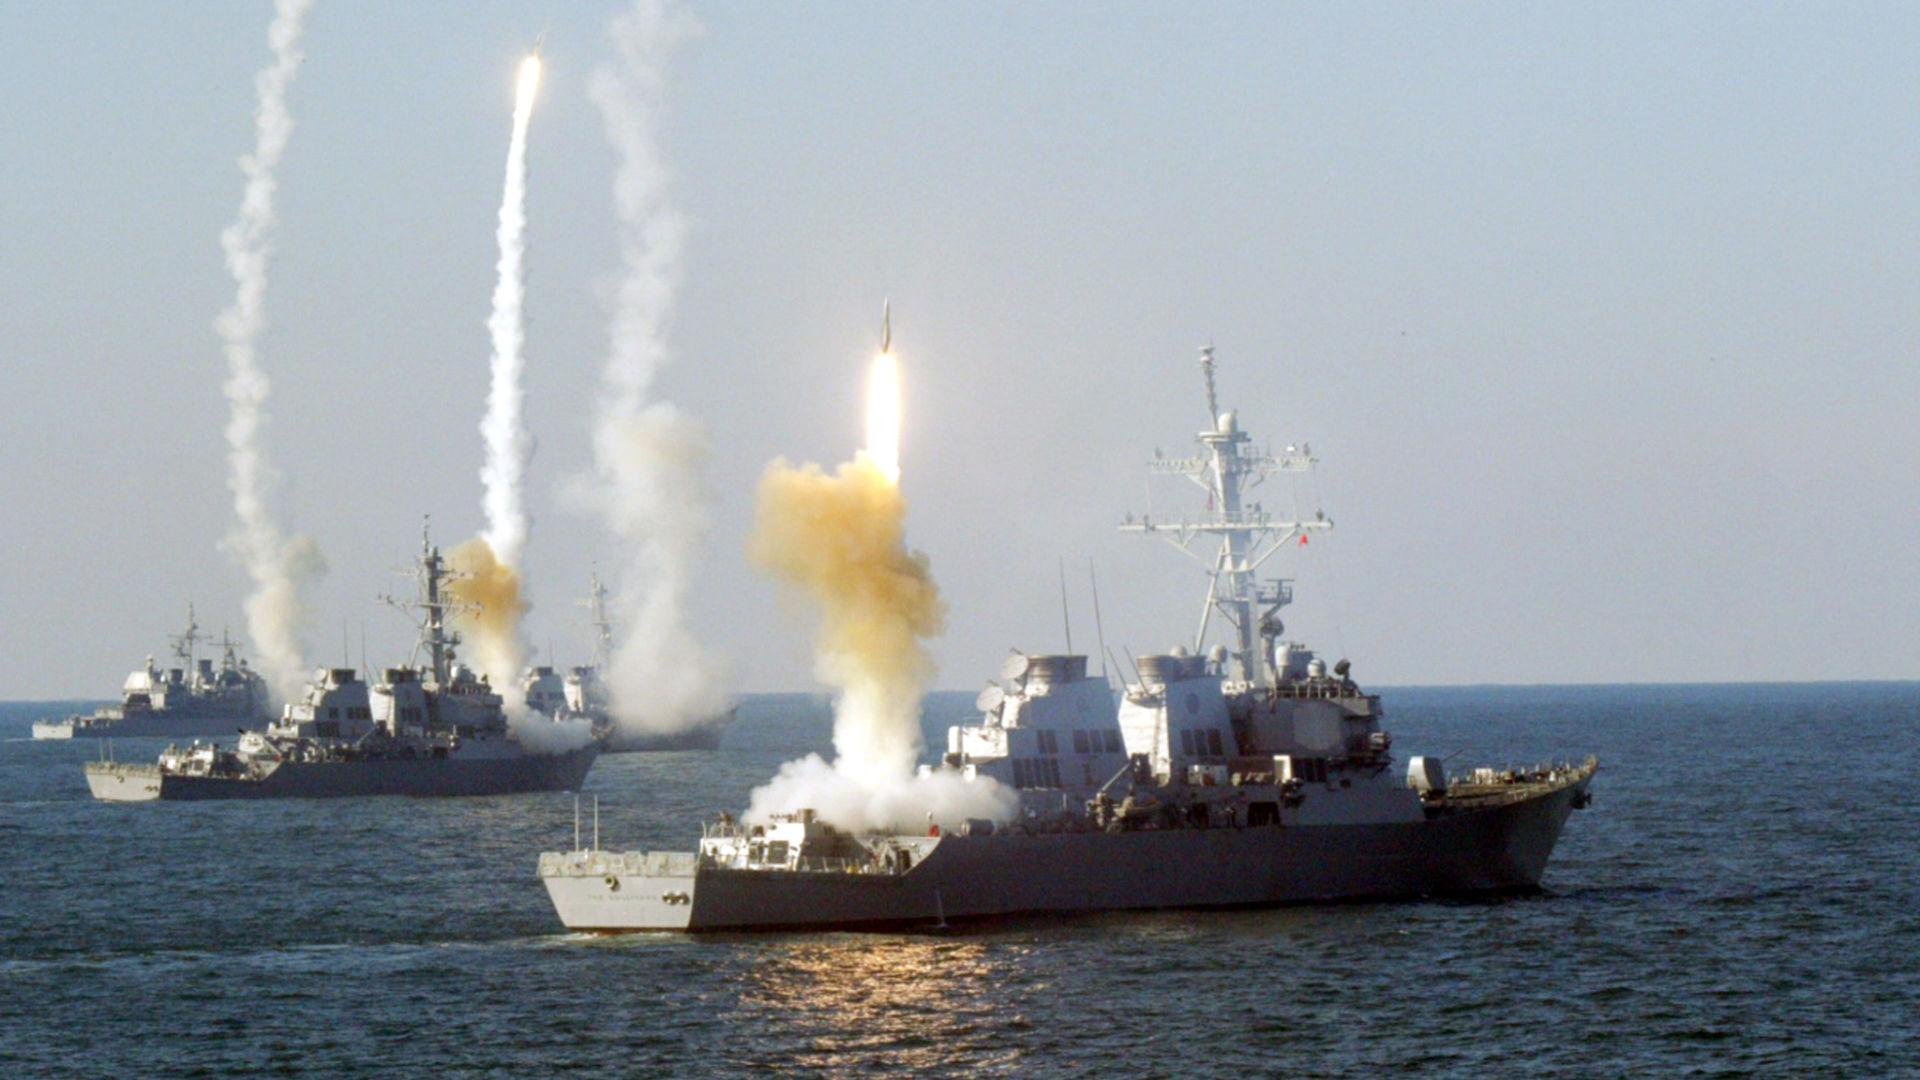 Οι Αμερικανοί σε 48 ώρες χτυπάνε την Συρία – Ρωσία: «Θα καταρρίψουμε και τους πυραύλους, θα βουλιάξουμε και τα πλοία σας»